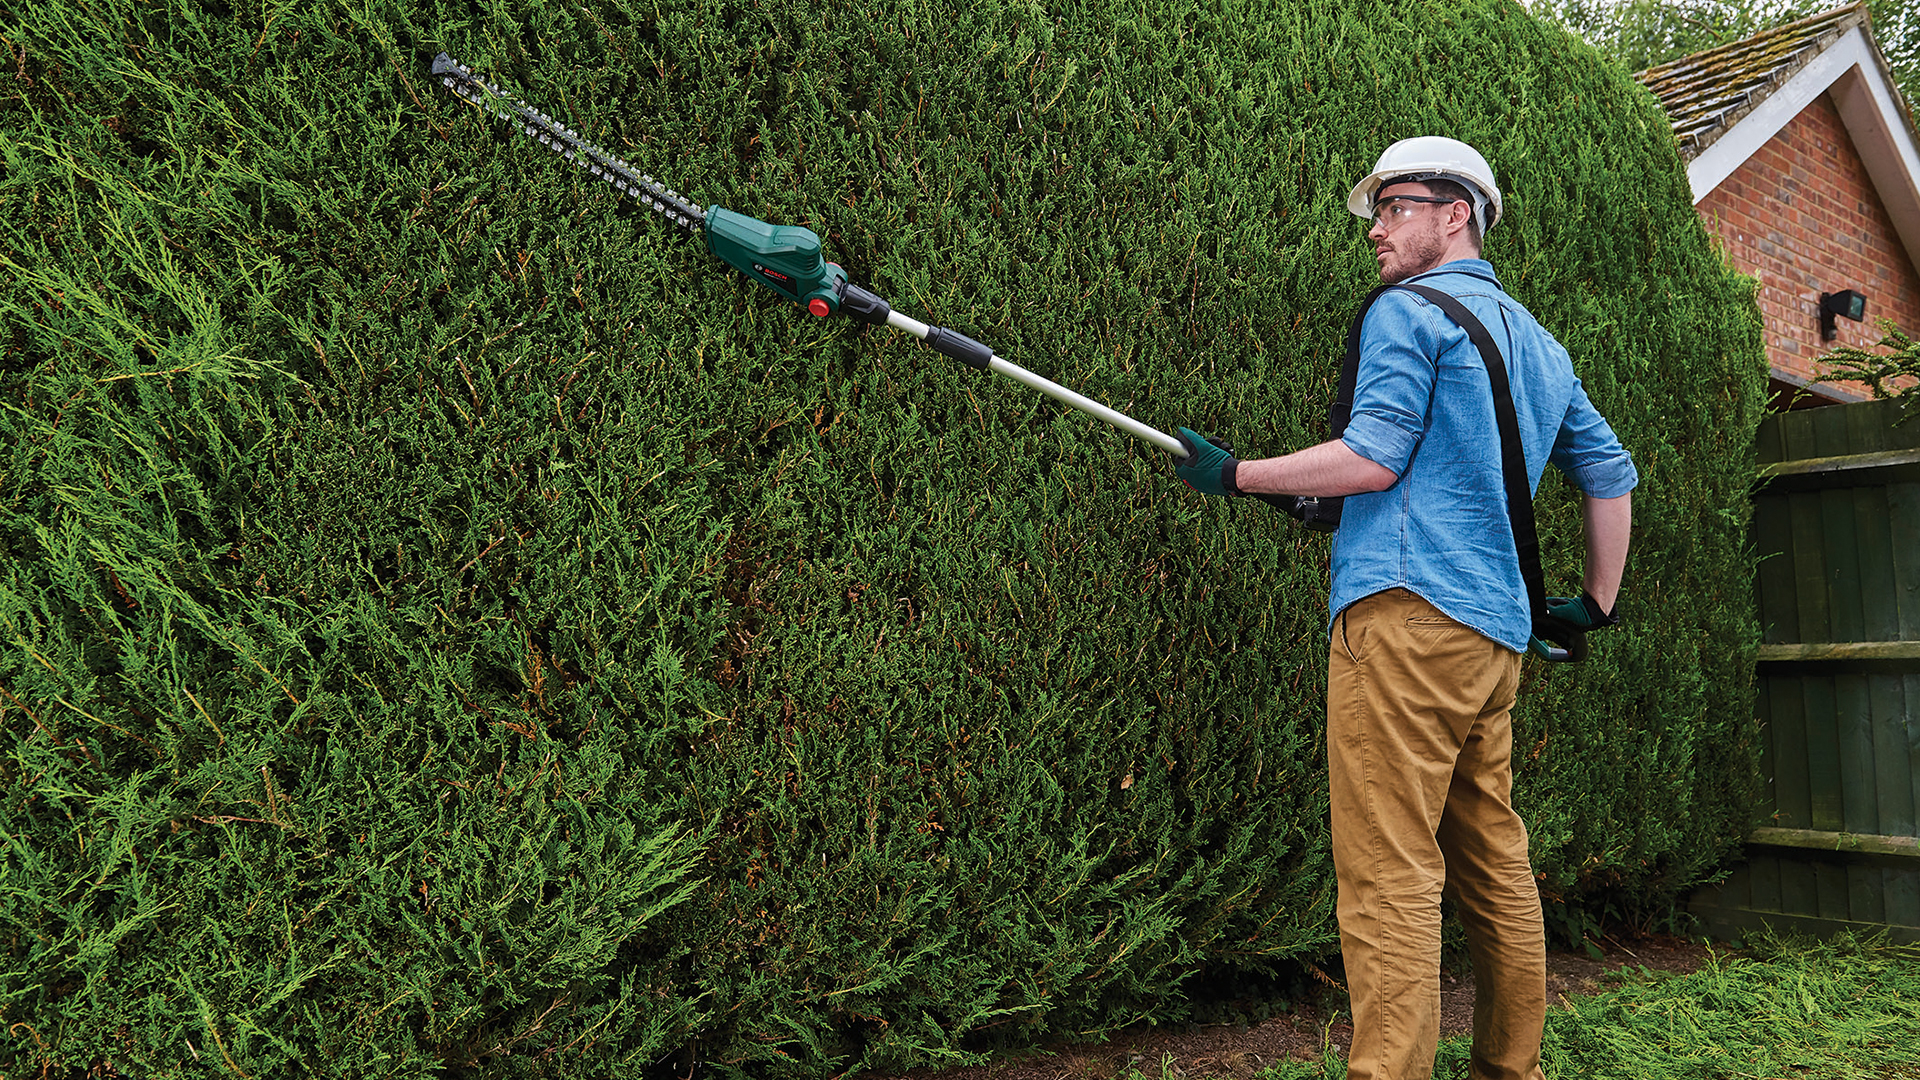 Neu im 18 volt sortiment f r den garten heckenschere und for Gardening tools online in pakistan